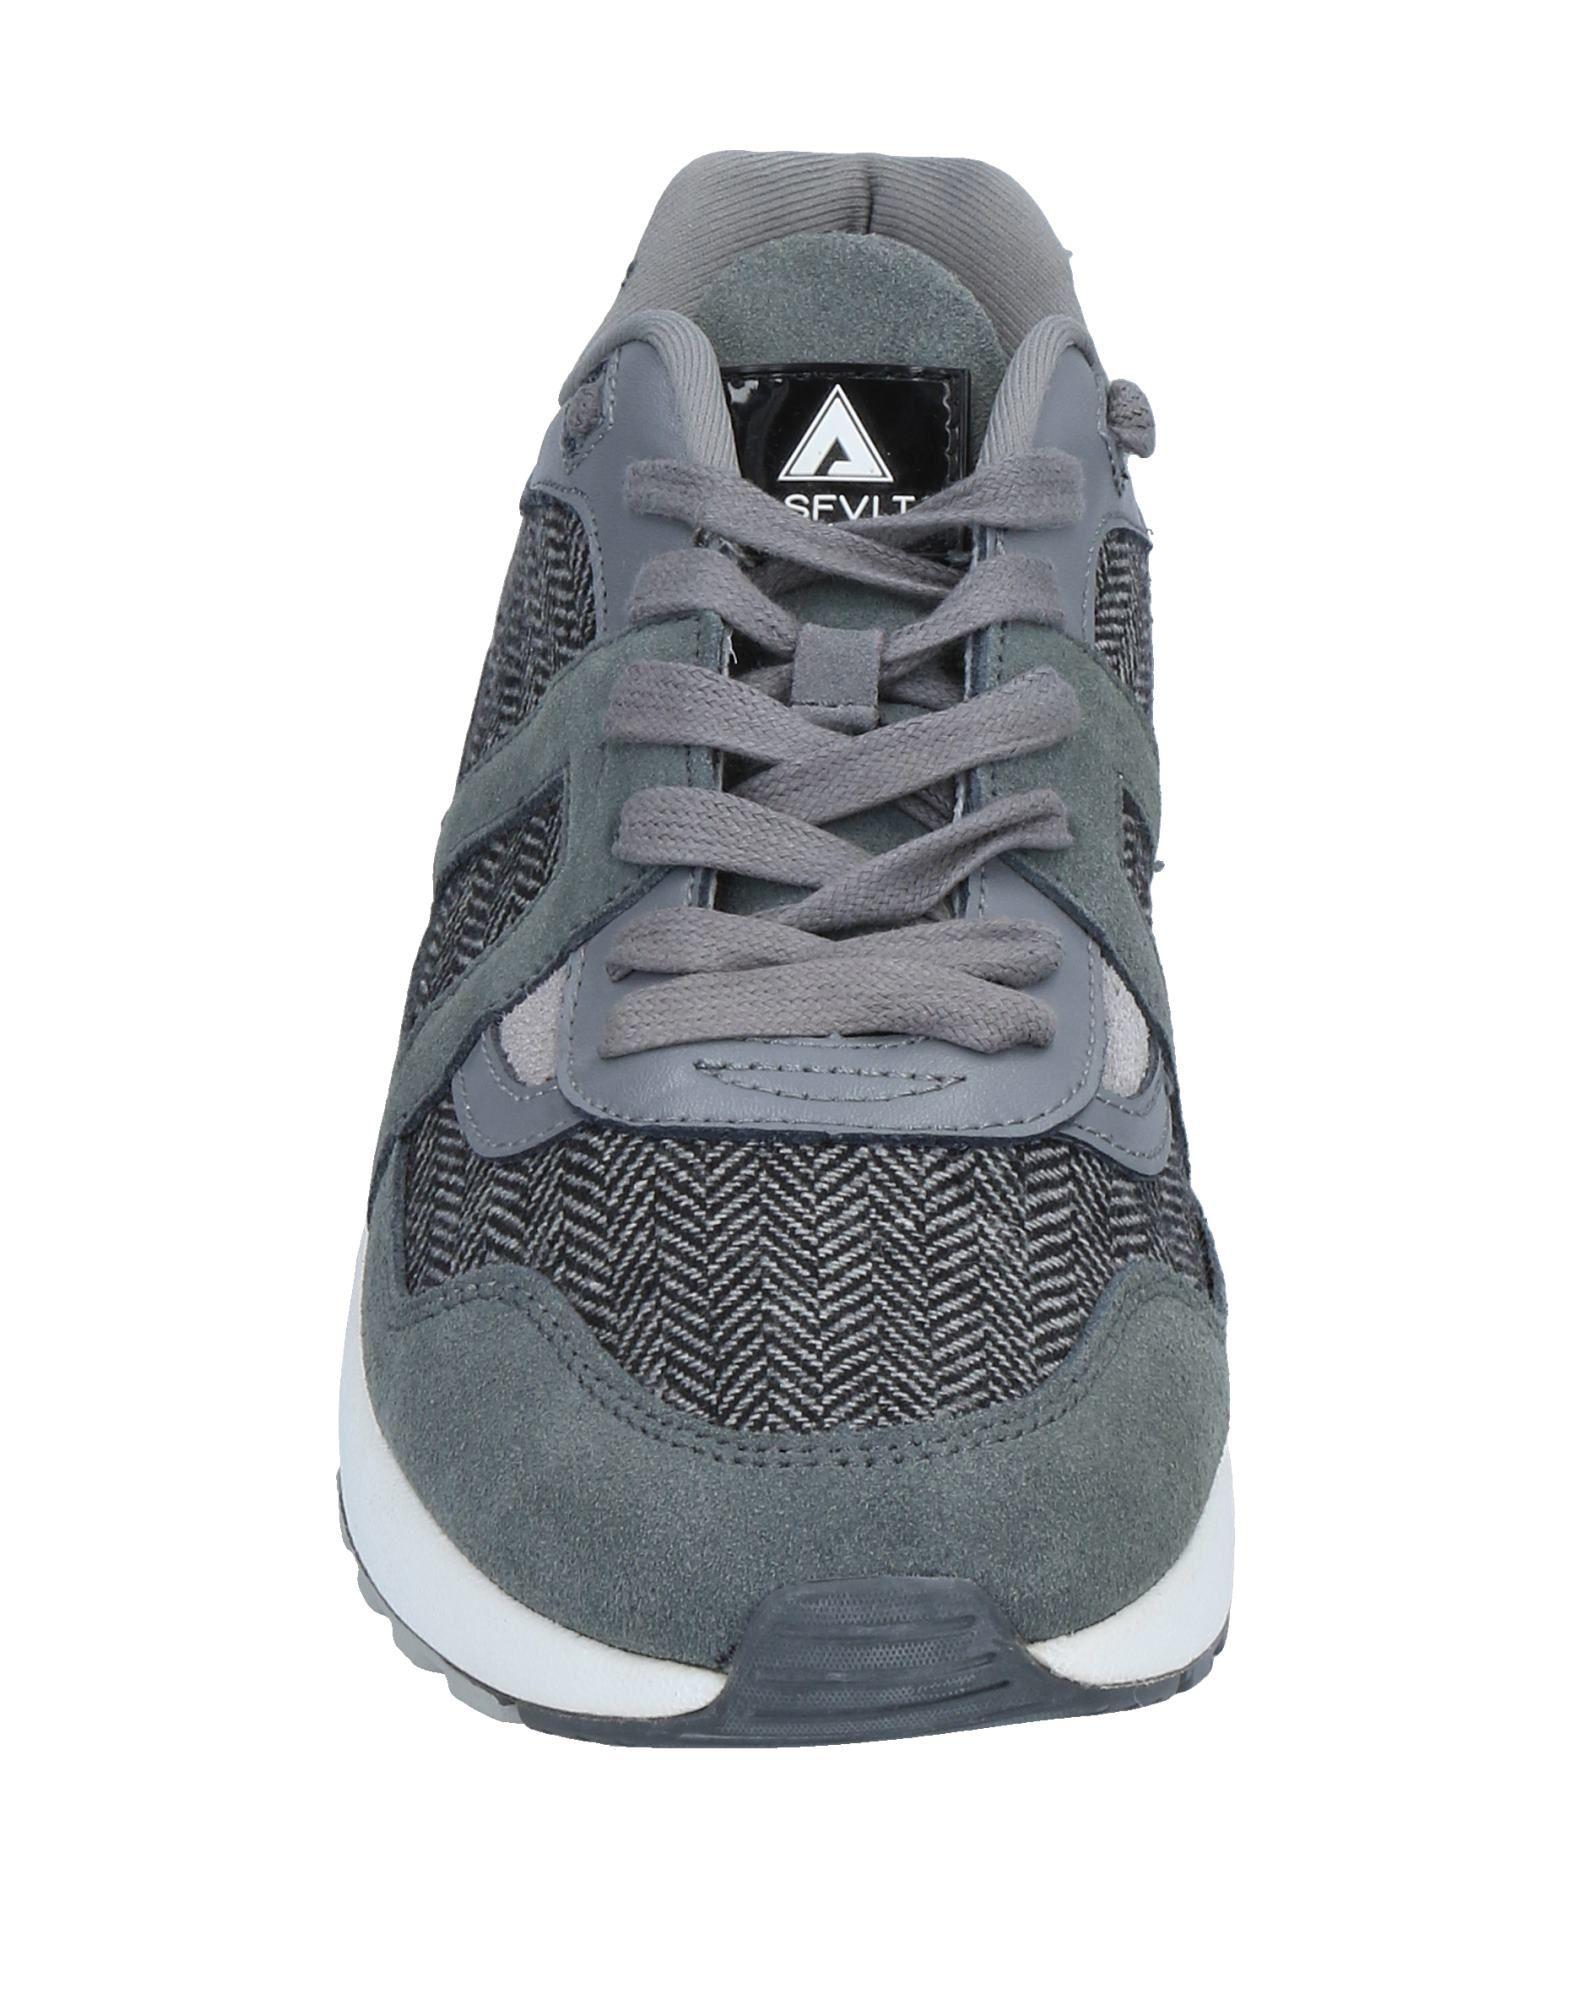 Rabatt echte Sneakers Schuhe Asfvlt Sneakers echte Herren  11497750BV e053c5